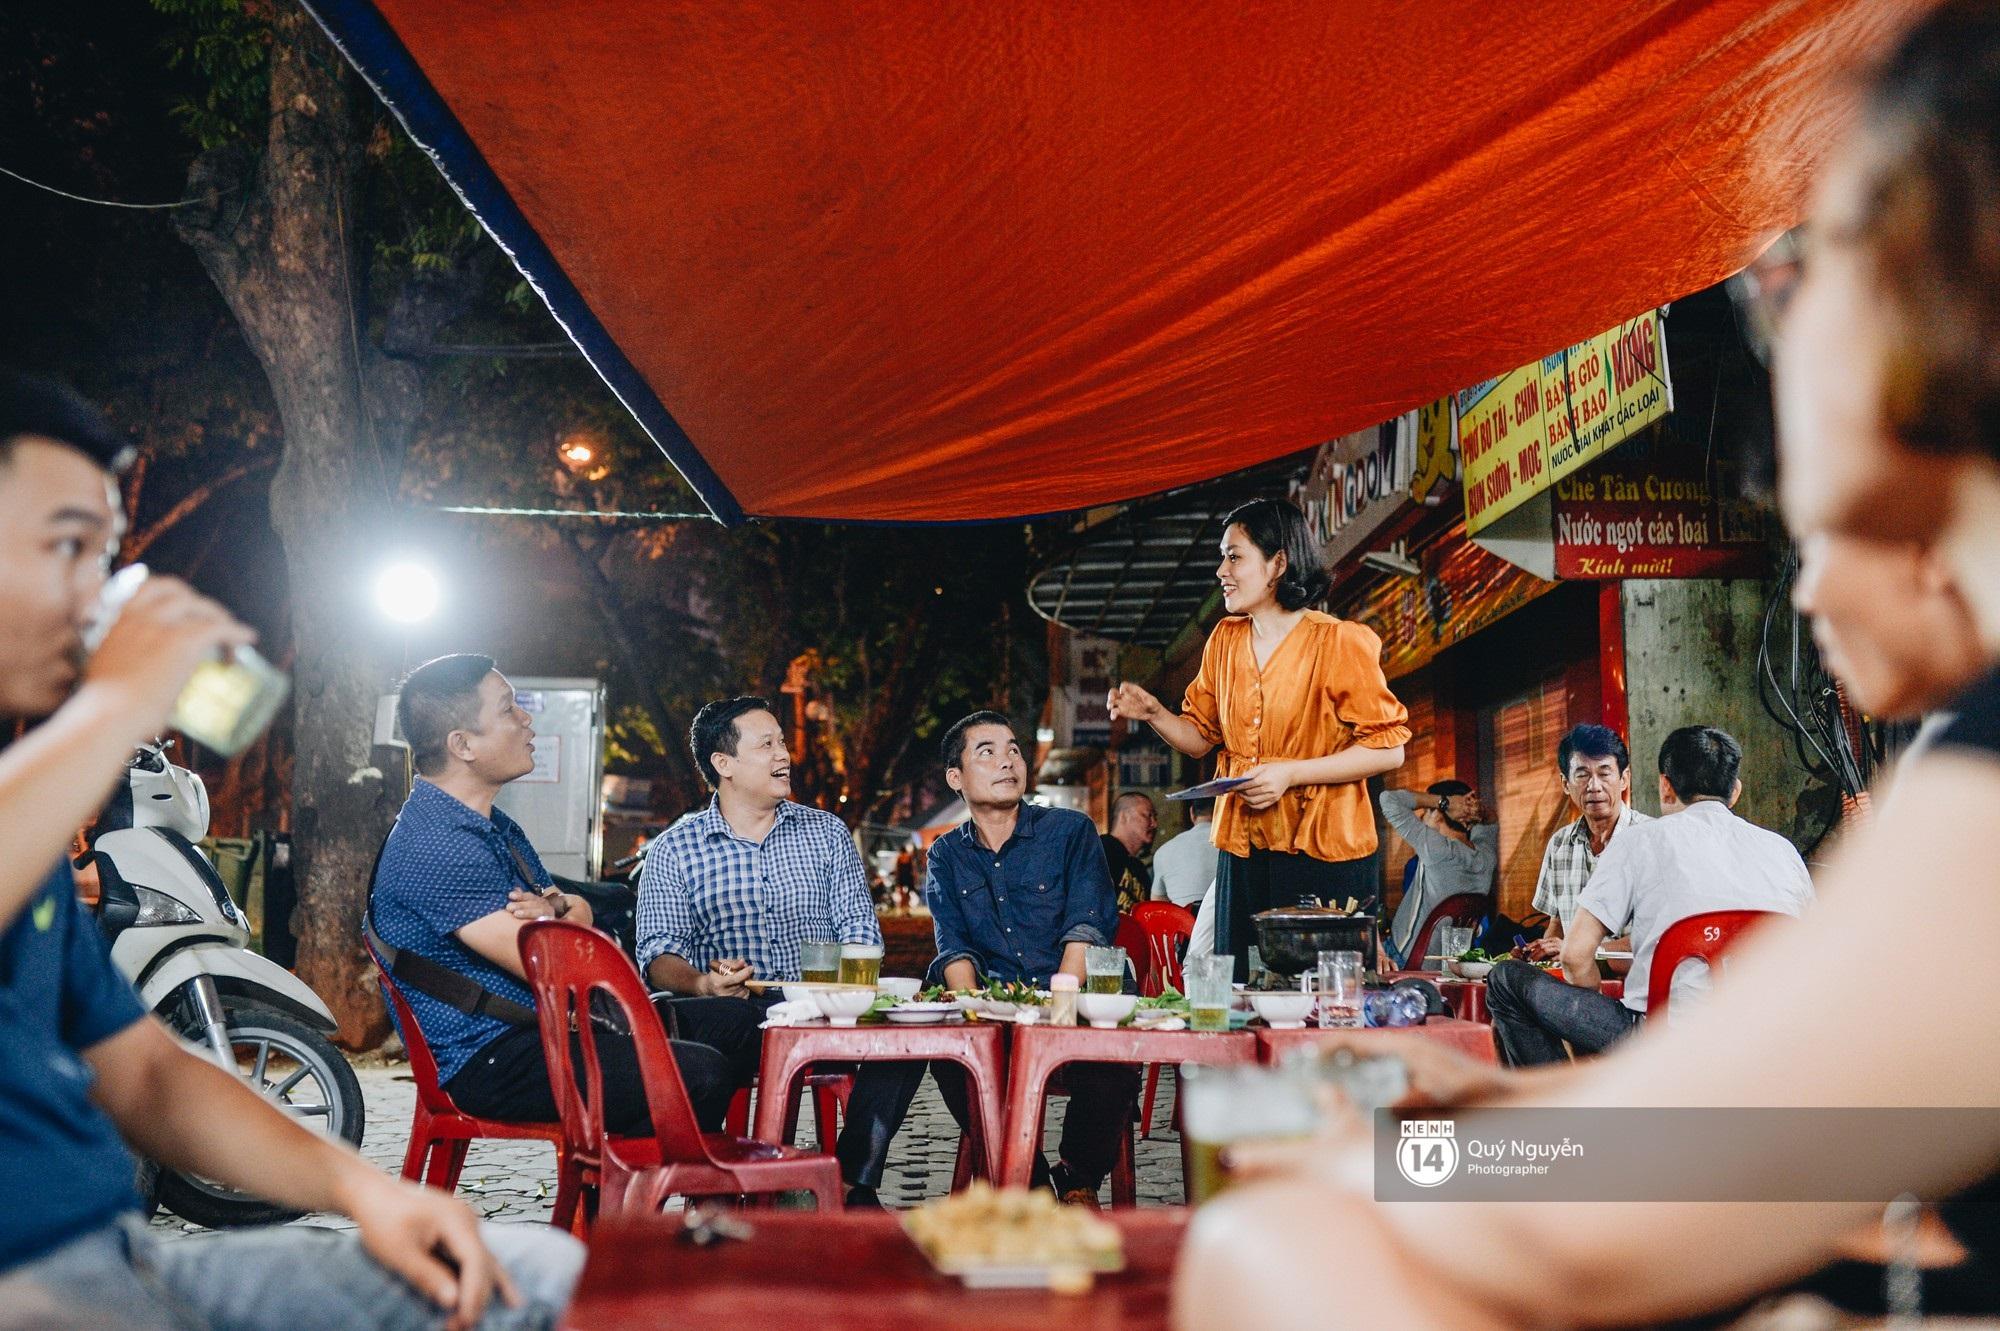 Cuộc sống hiện tại của Nguyệt trong Phía trước là bầu trời: Sáng đi dạy múa, tối về làm chủ quán bia - Ảnh 3